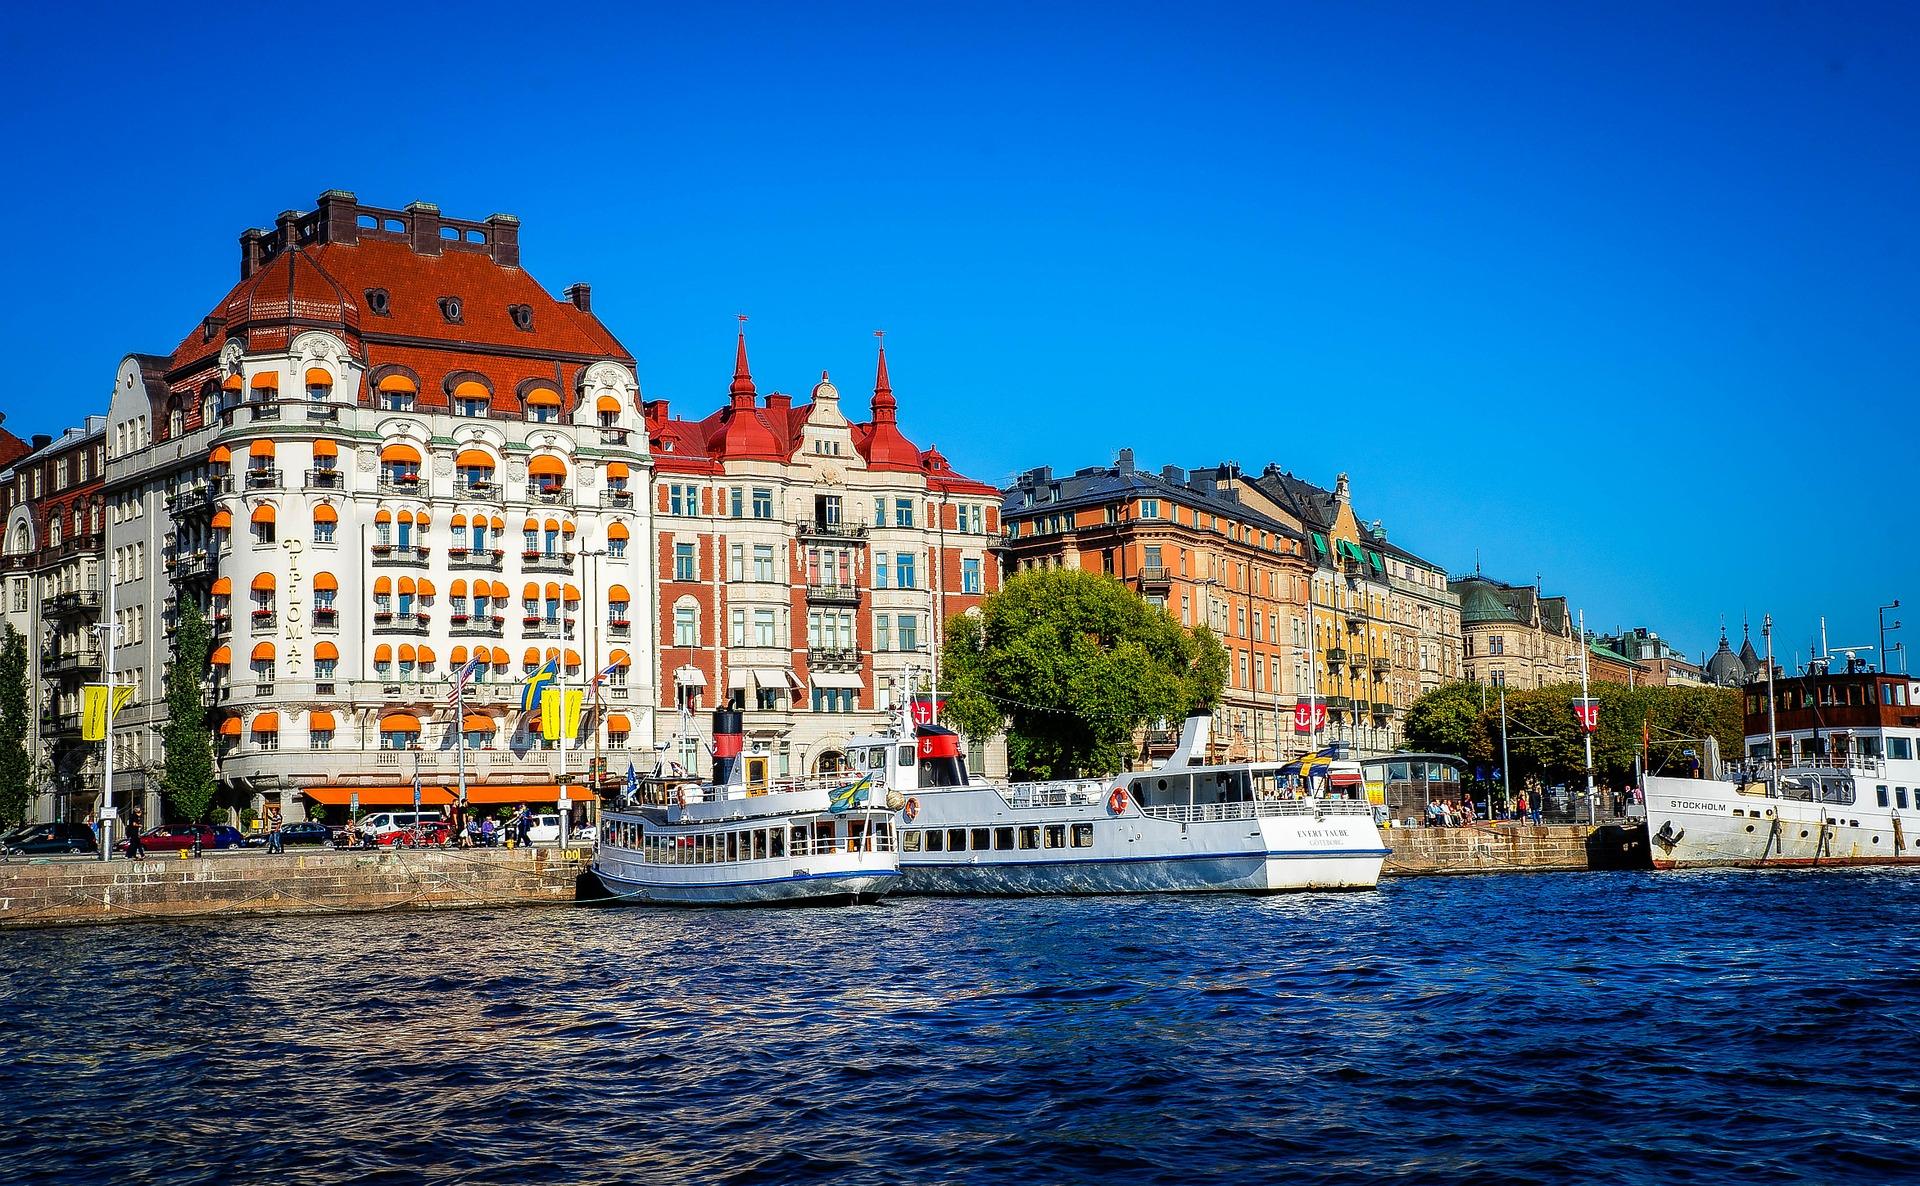 Günstig nach Stockholm - in die schwedische Hauptstadt